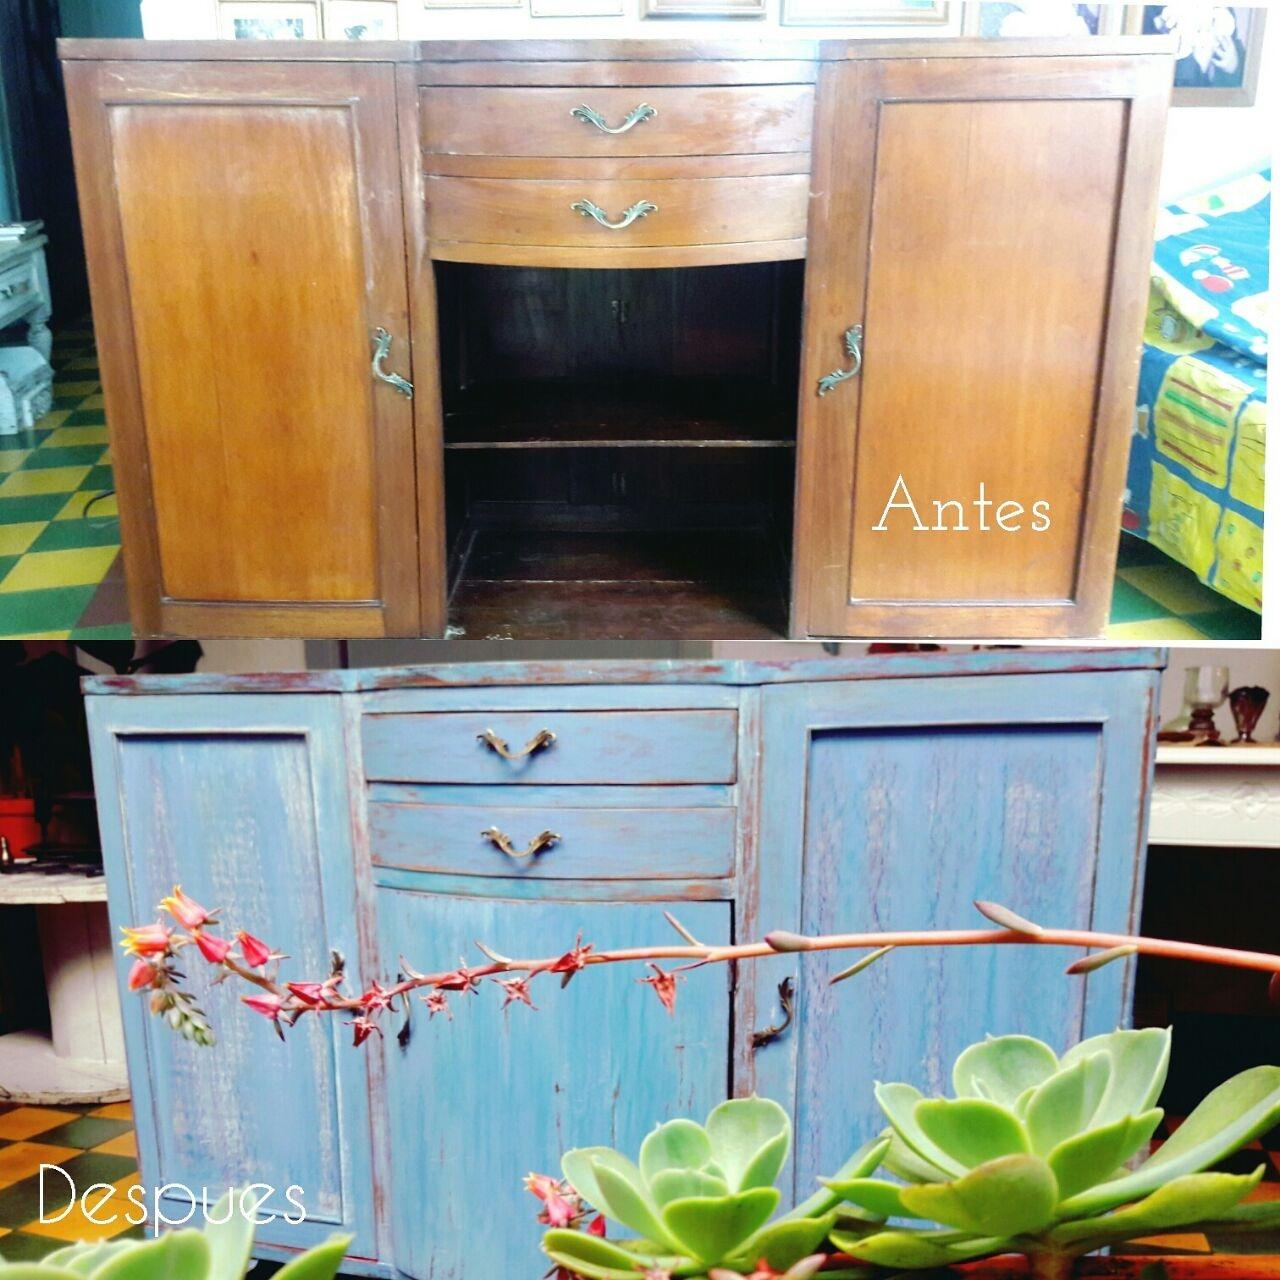 Dise os marta correa acabados y restauraci n de muebles for Restauracion muebles vintage